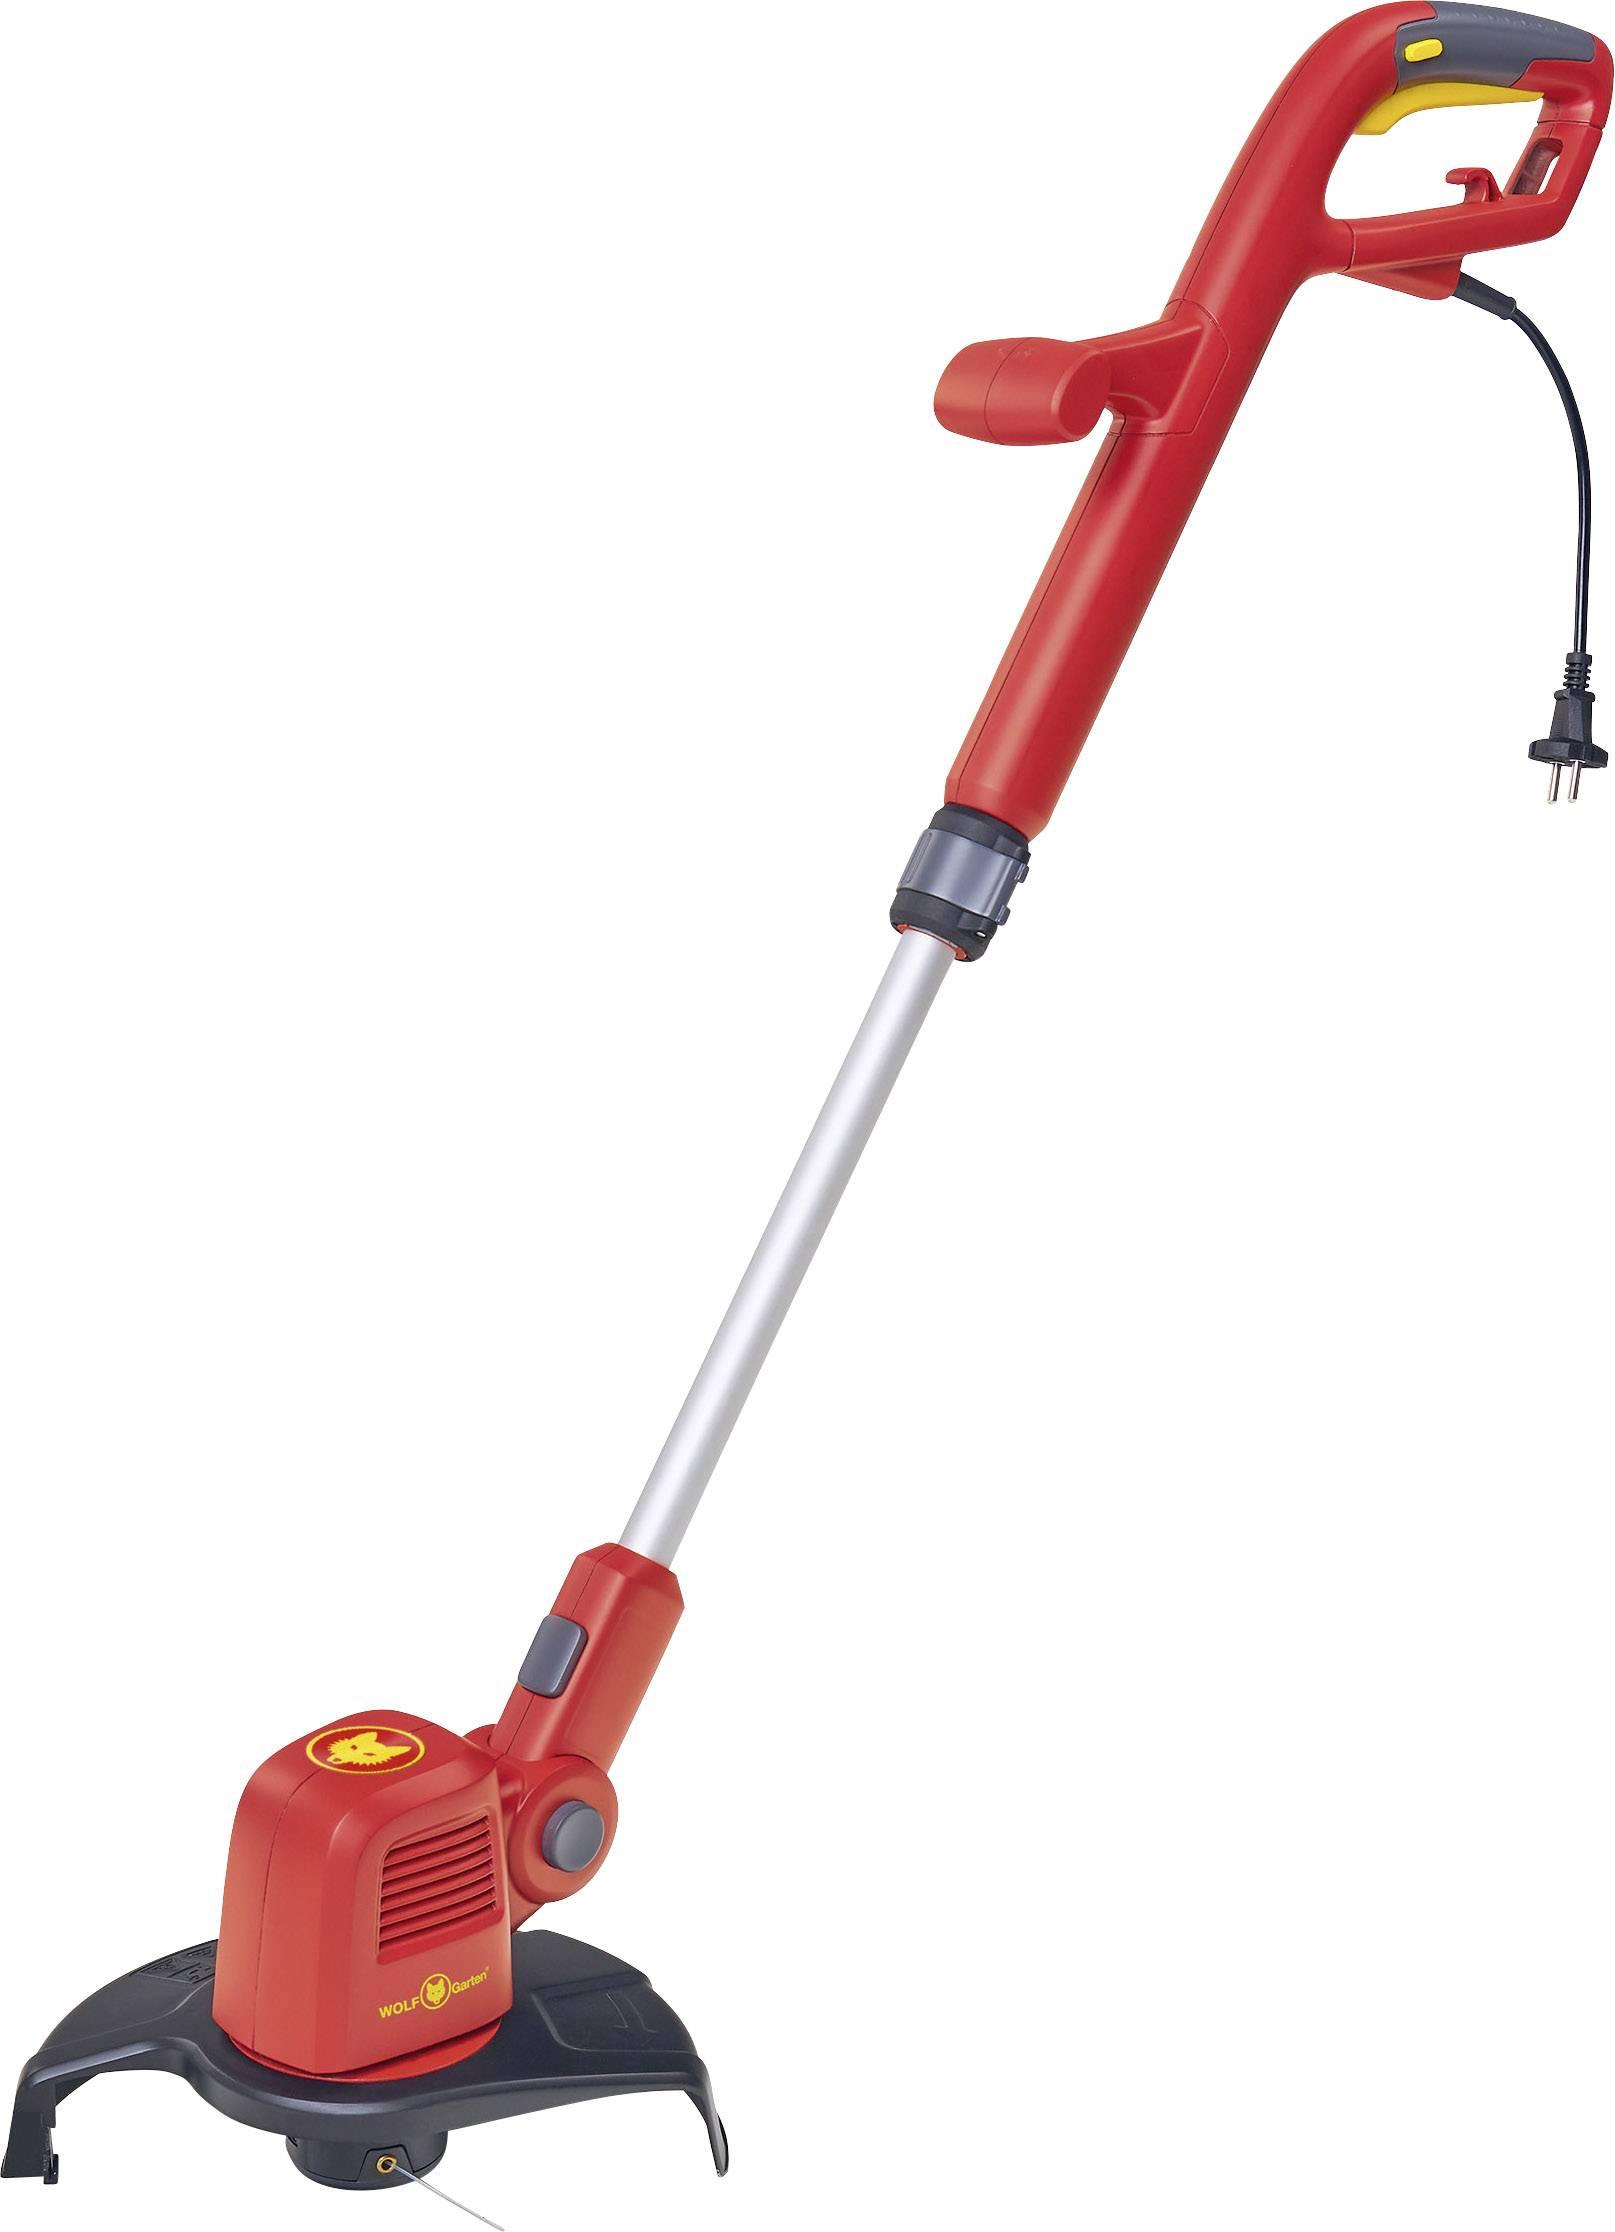 Wolf Garten Lycos E 350 T Mains Grass Trimmer 230 V Cutting Width 25 Cm Conrad Com